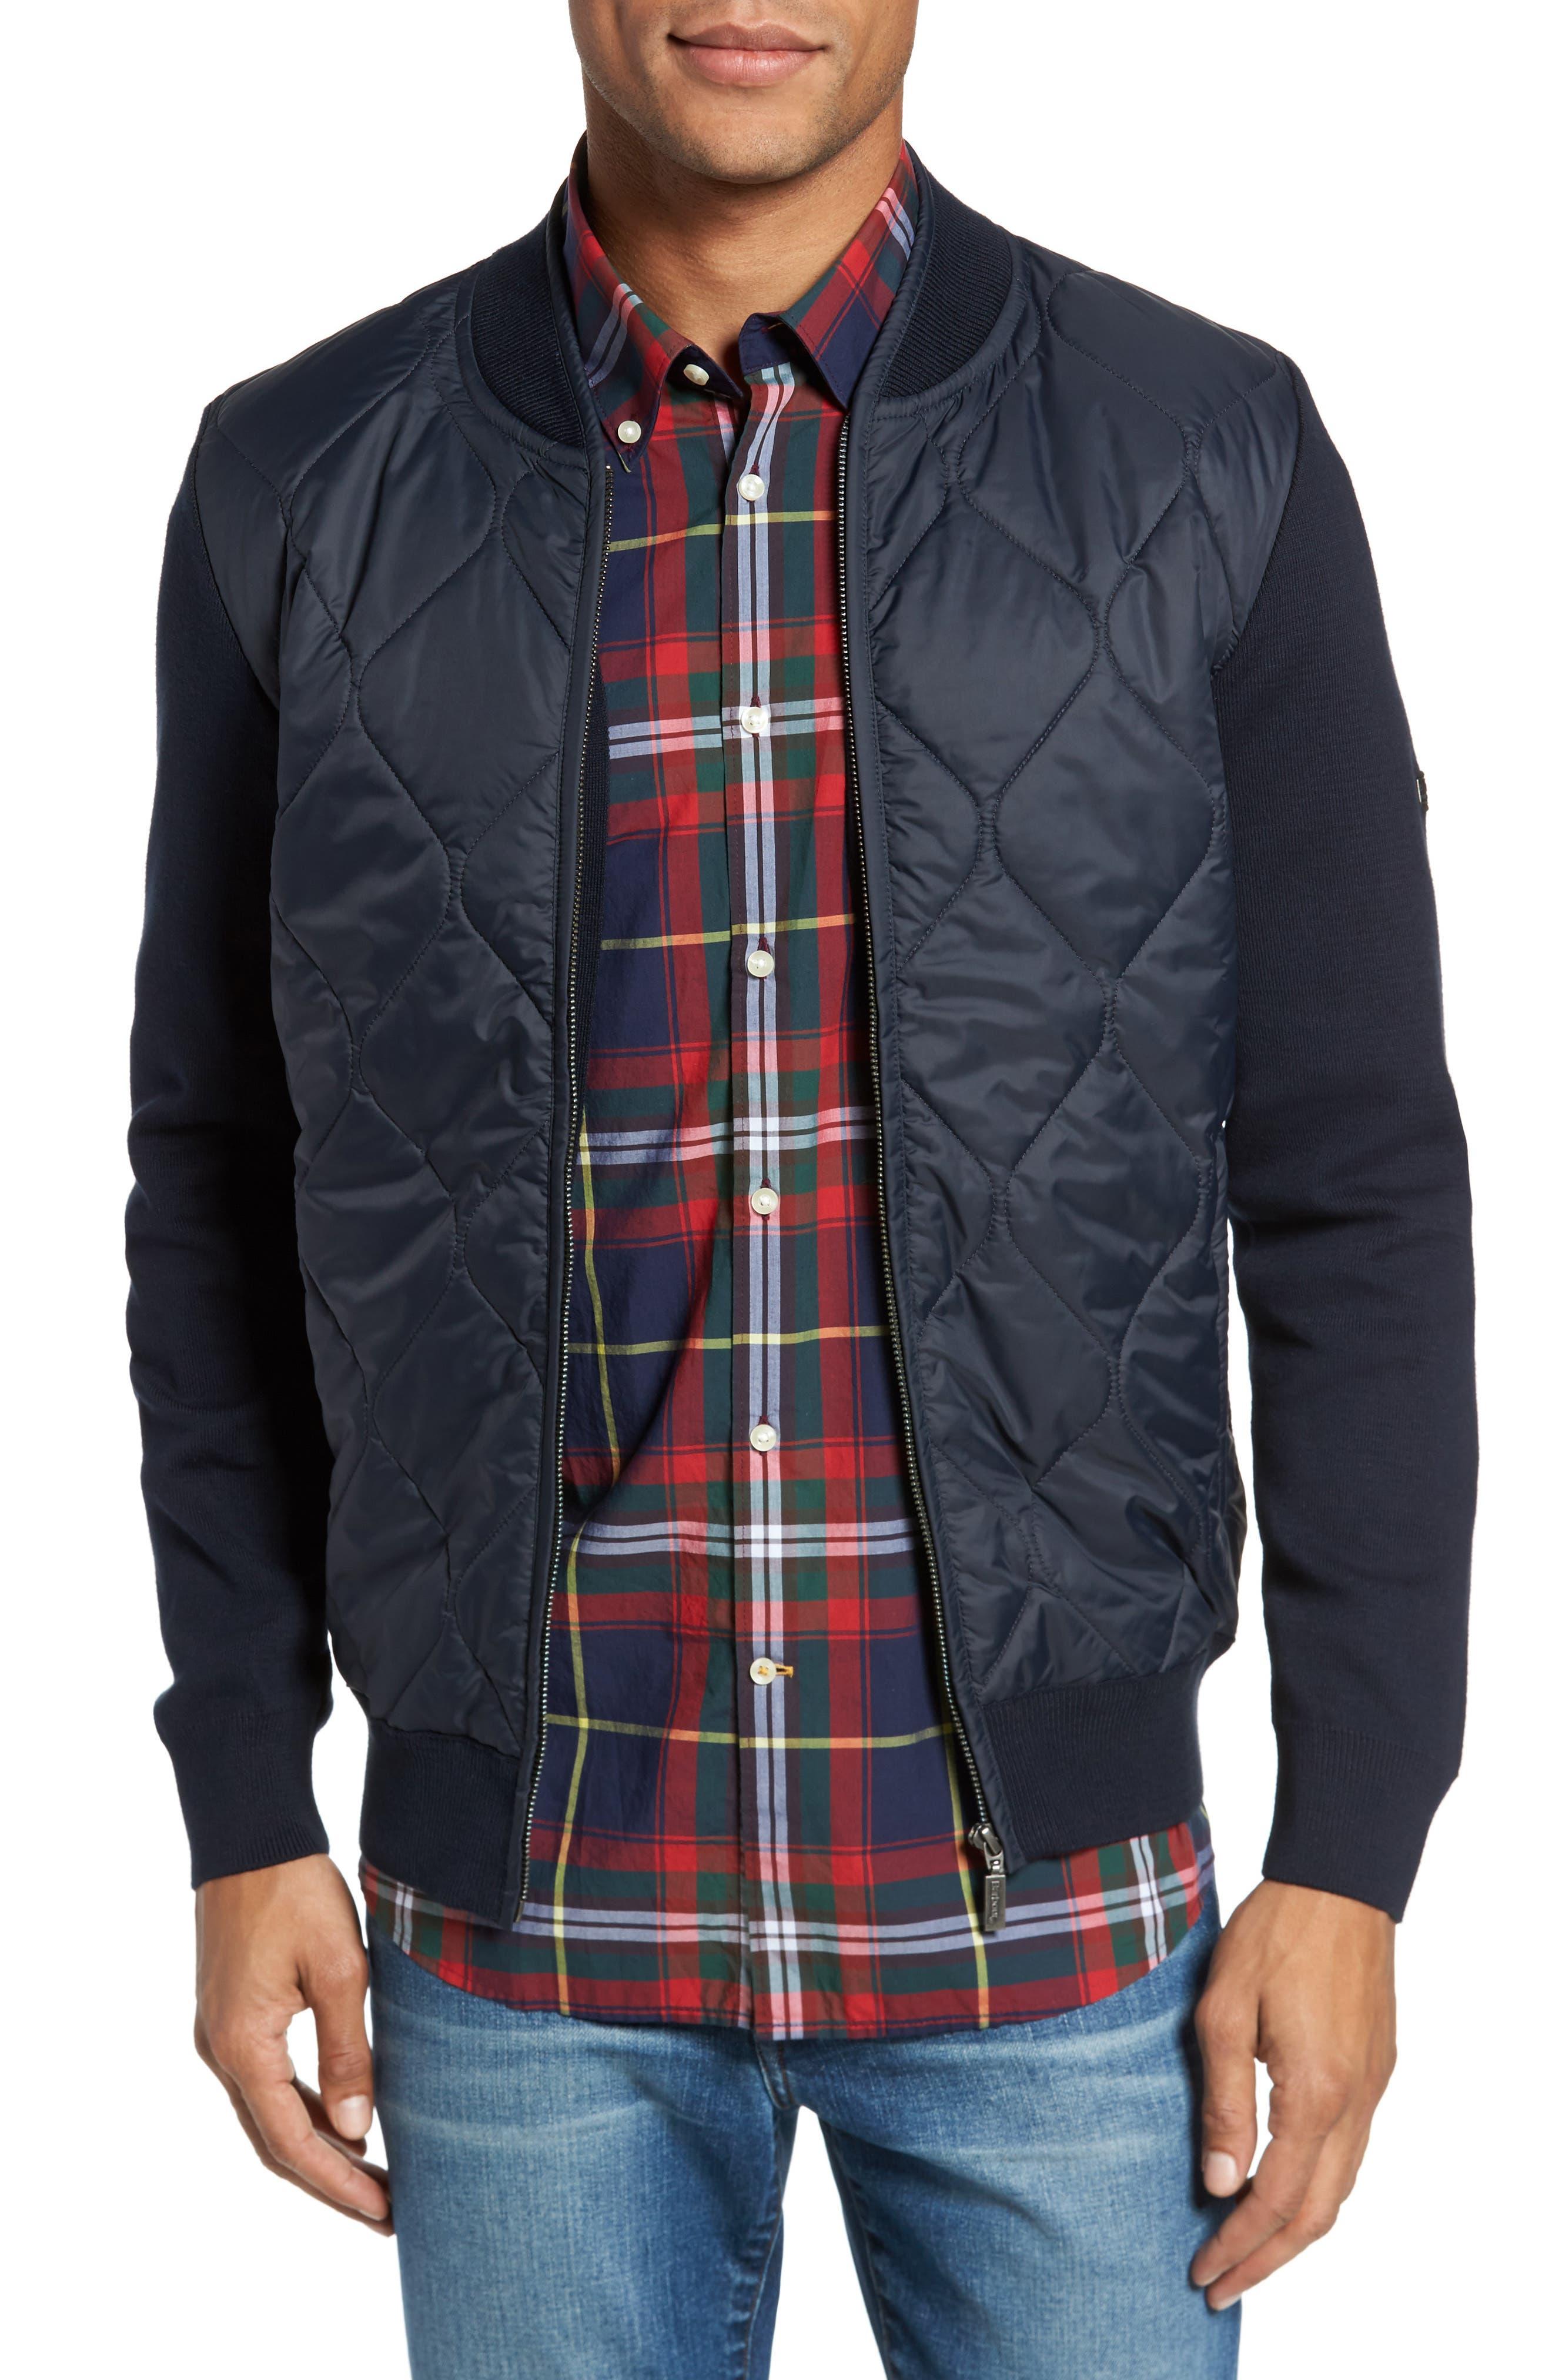 BI Quilt Front Knit Track Jacket,                         Main,                         color, Navy